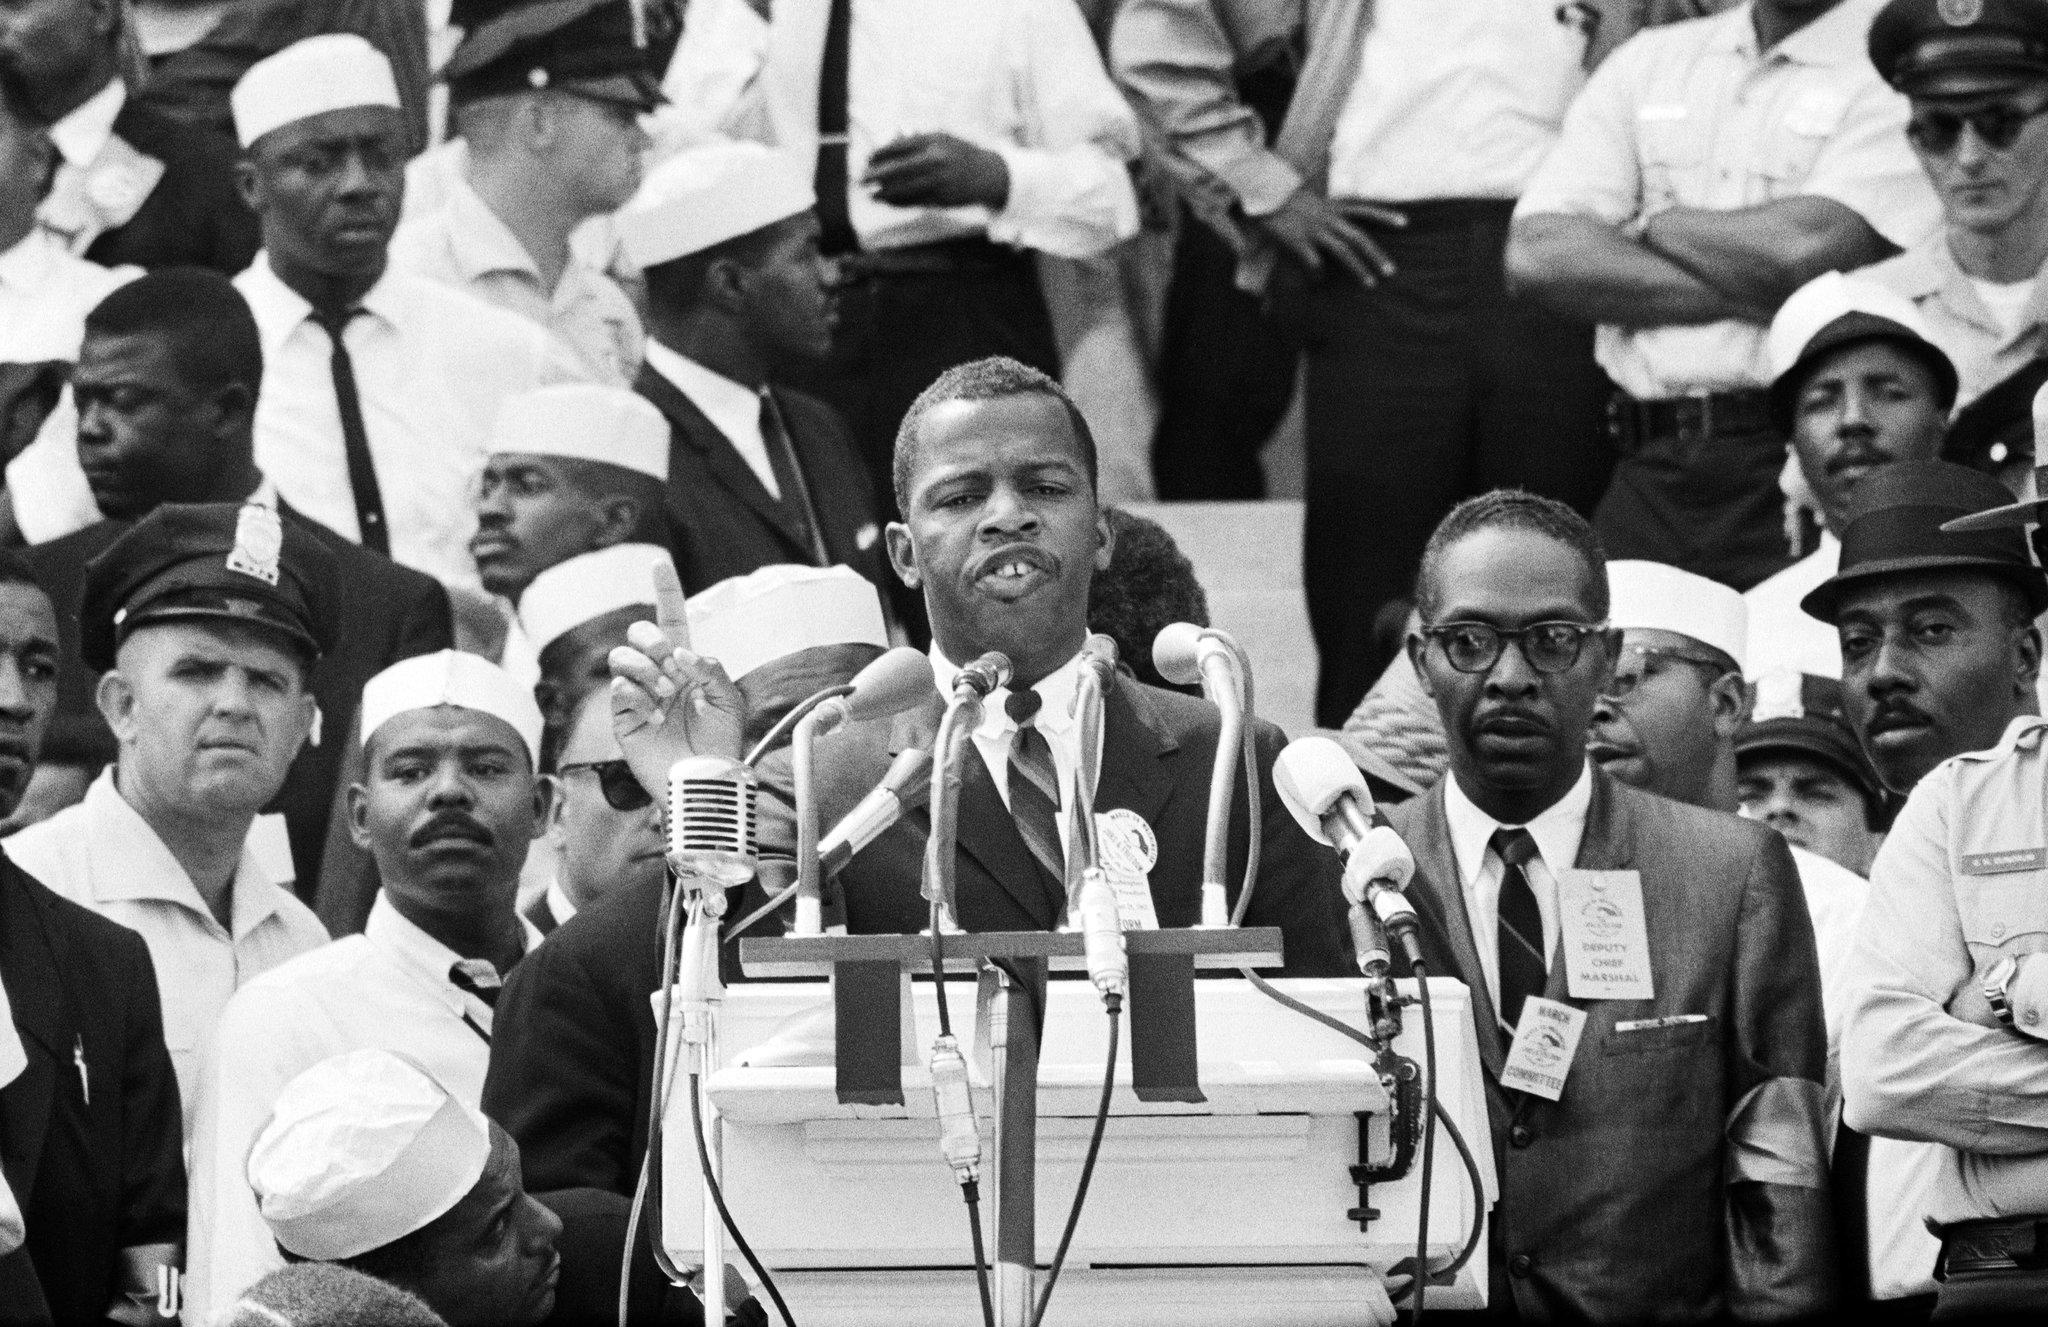 John Lewis speaking, March on Washington, 1963